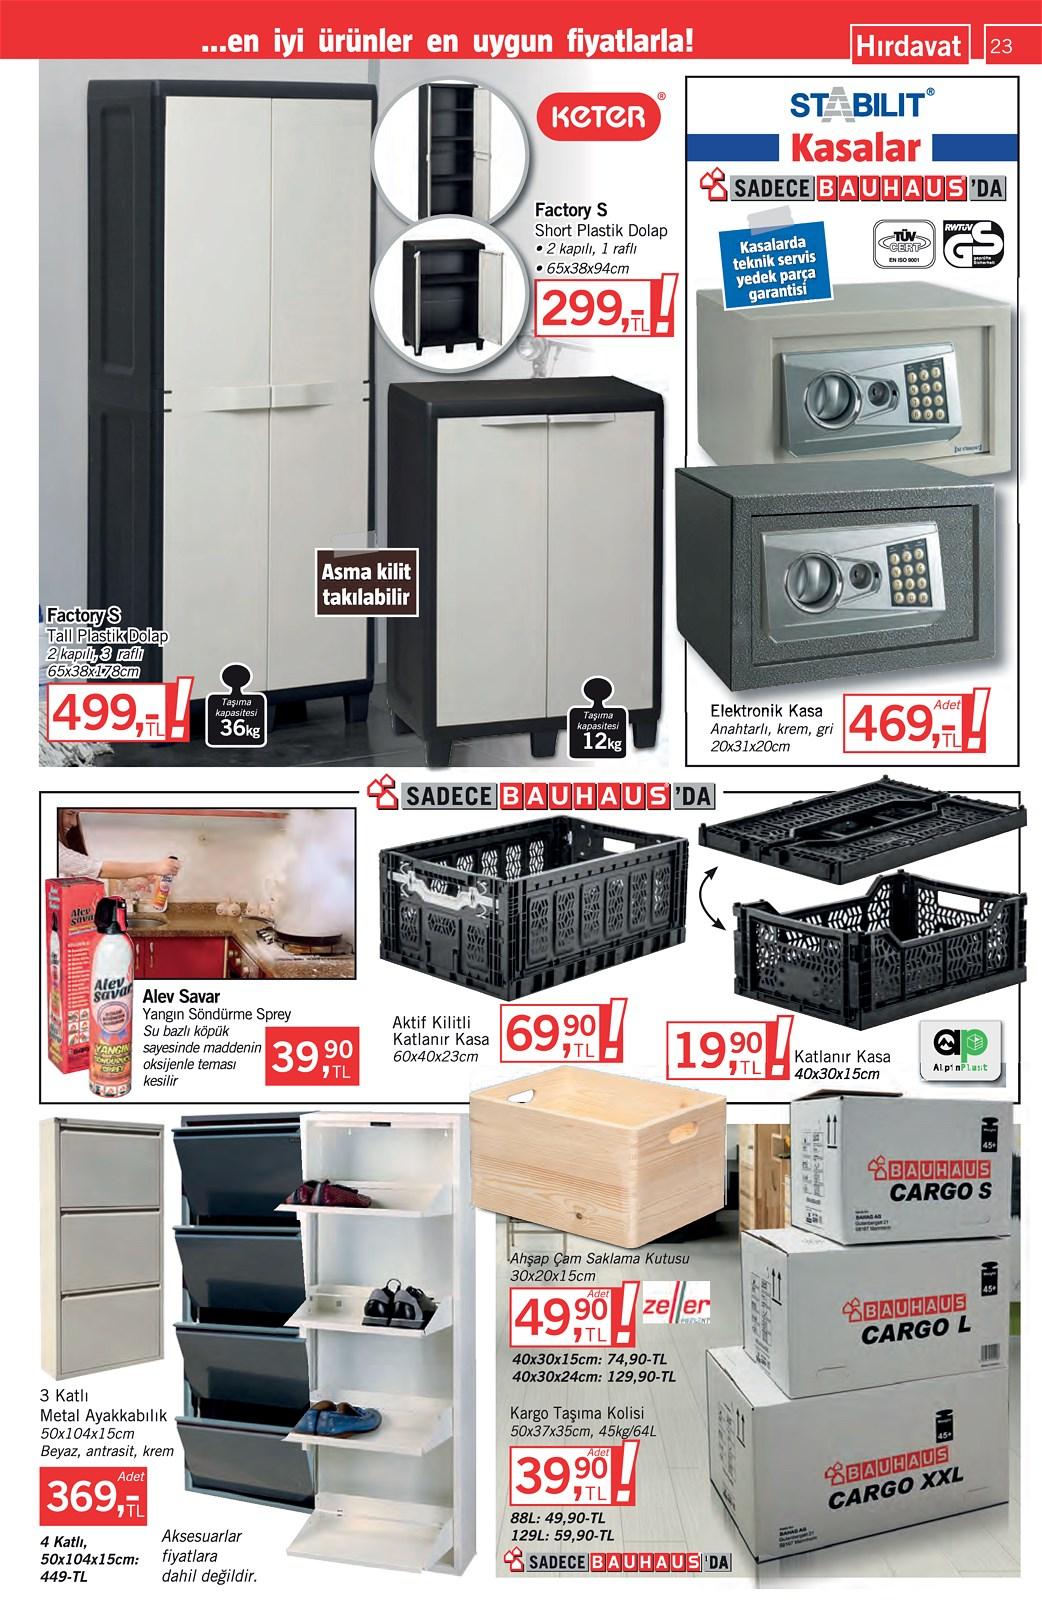 25.09.2021 Bauhaus broşürü 23. sayfa